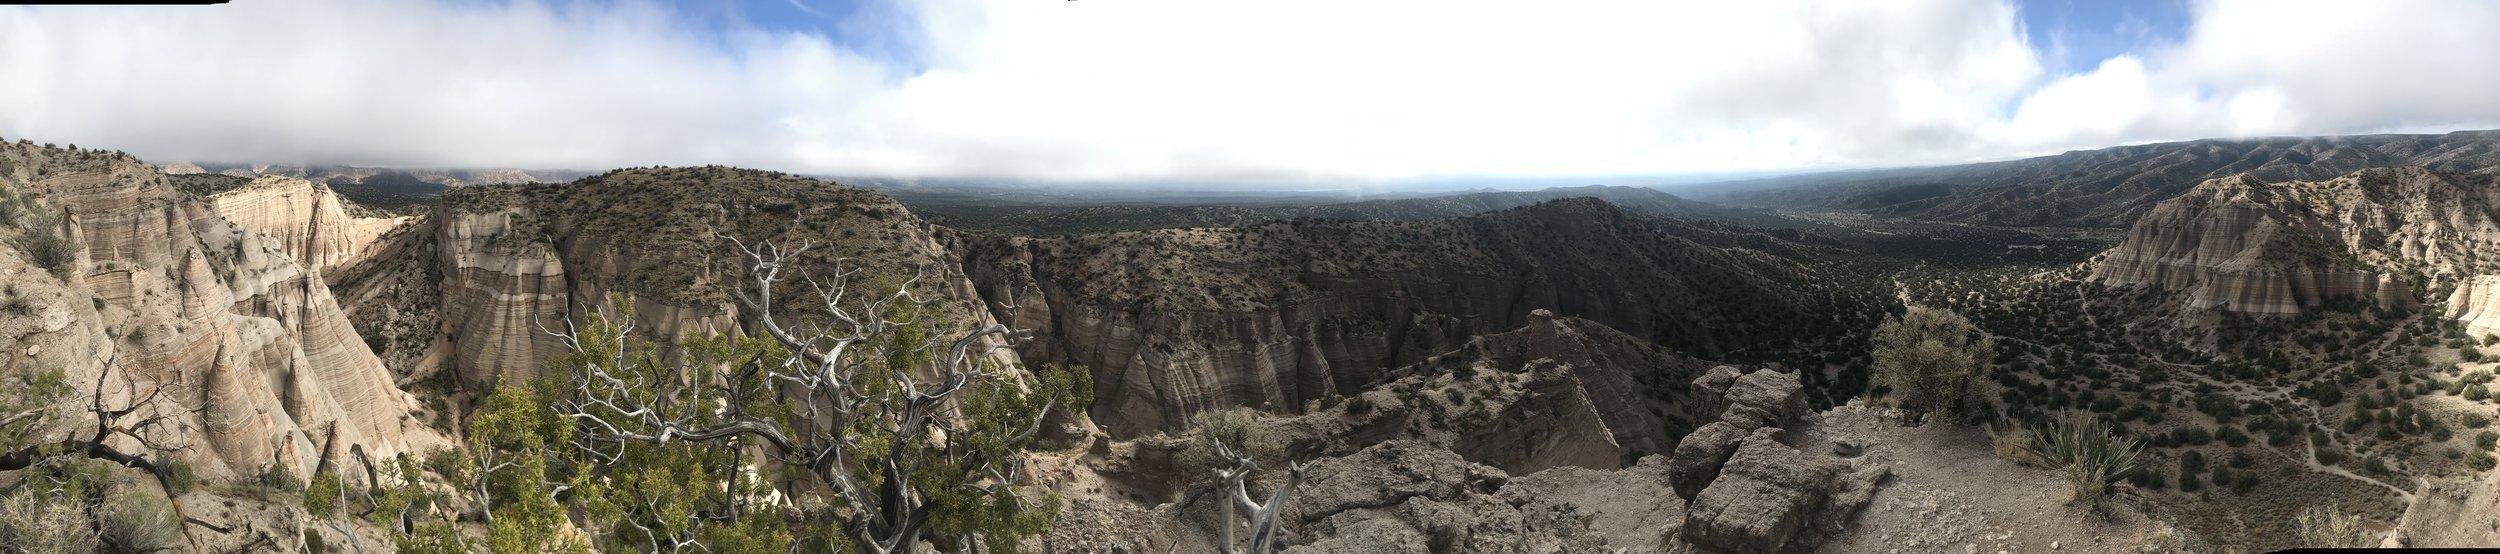 Kasha Katwe Tent Rocks